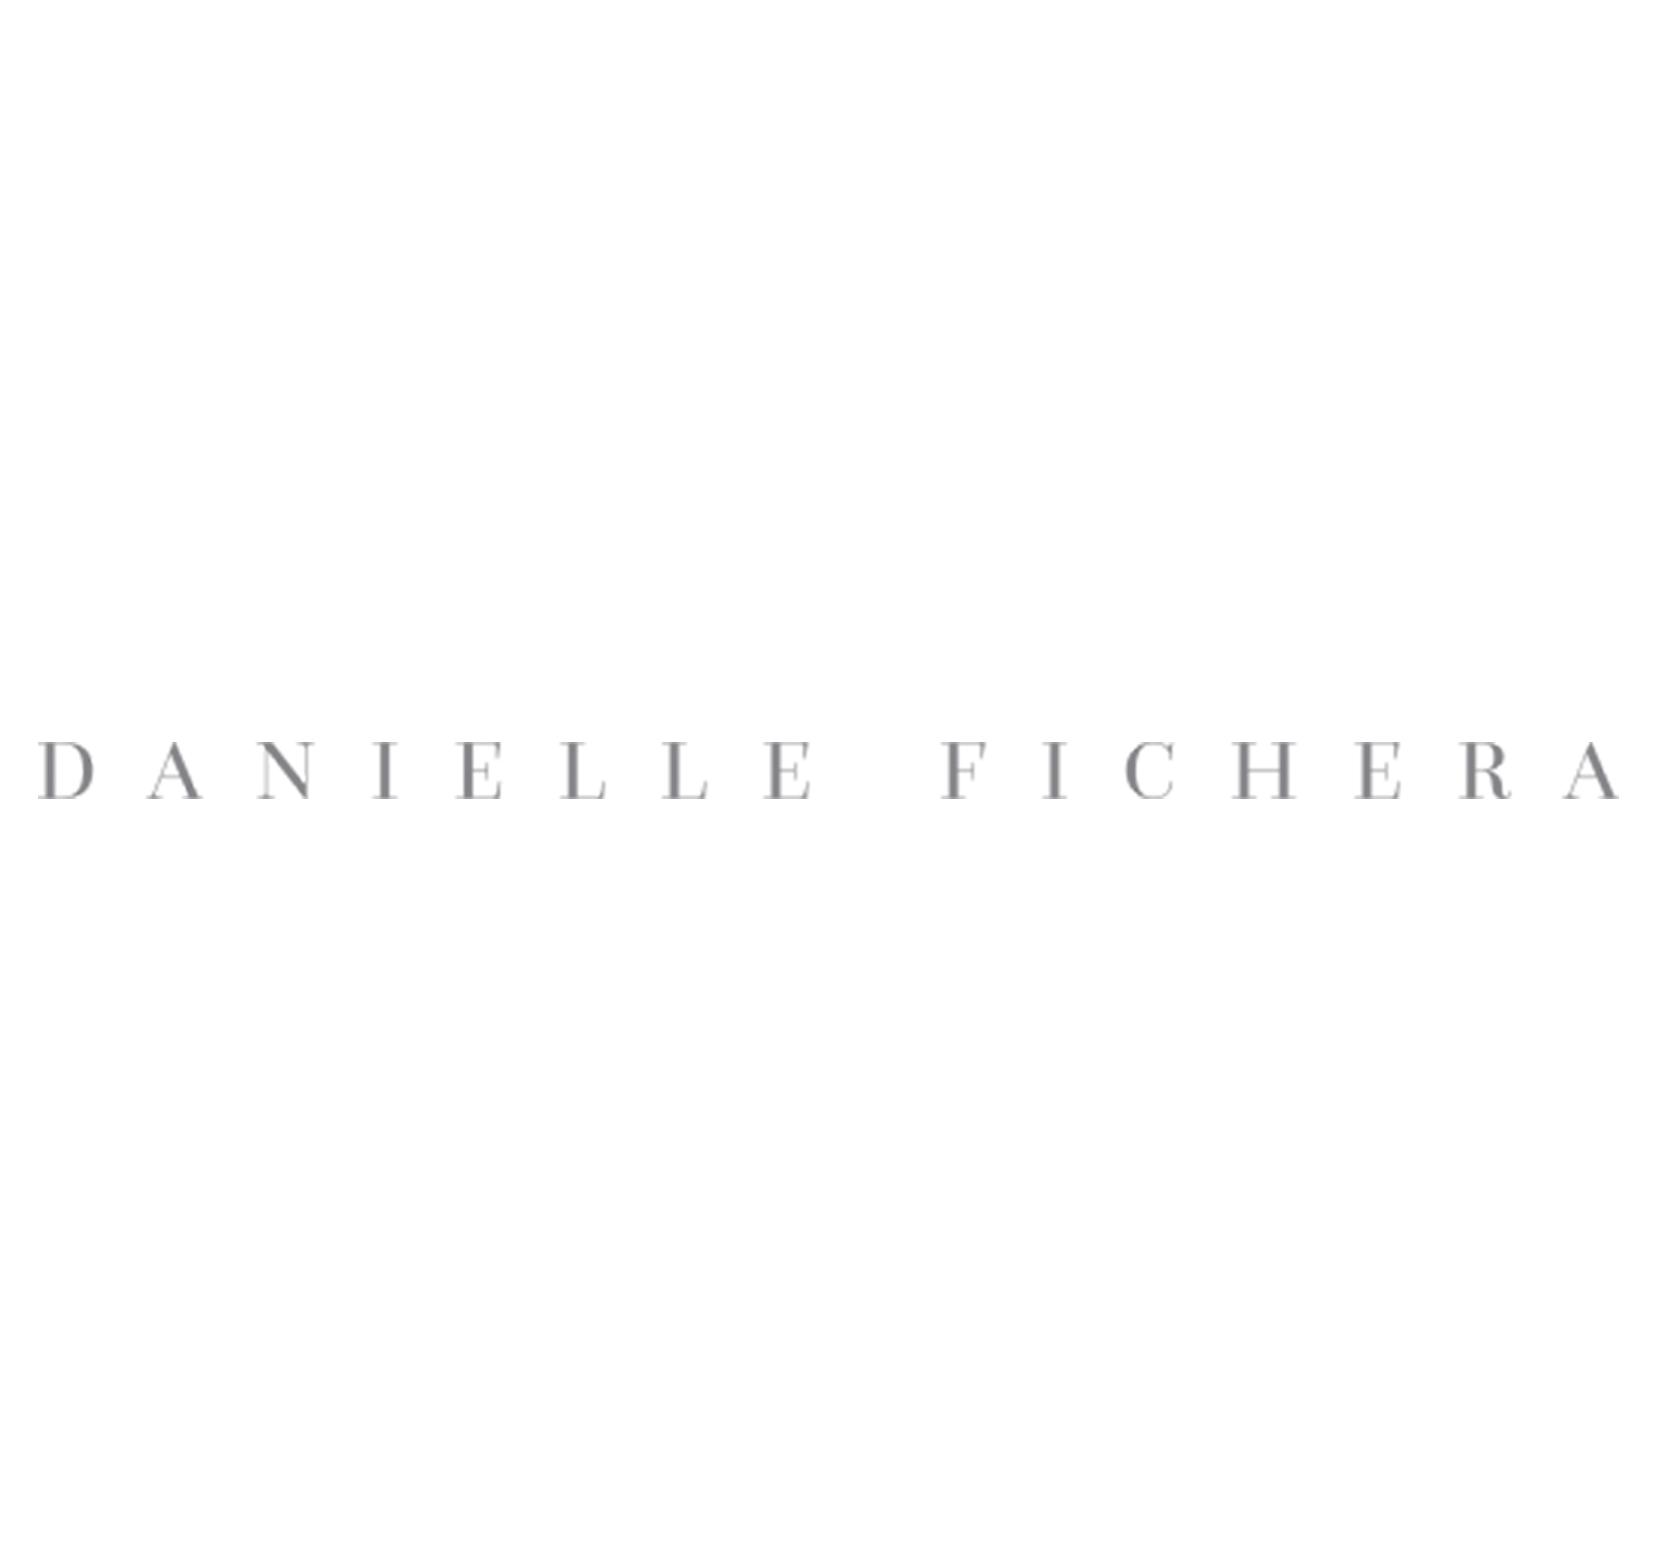 Danielle Fichera